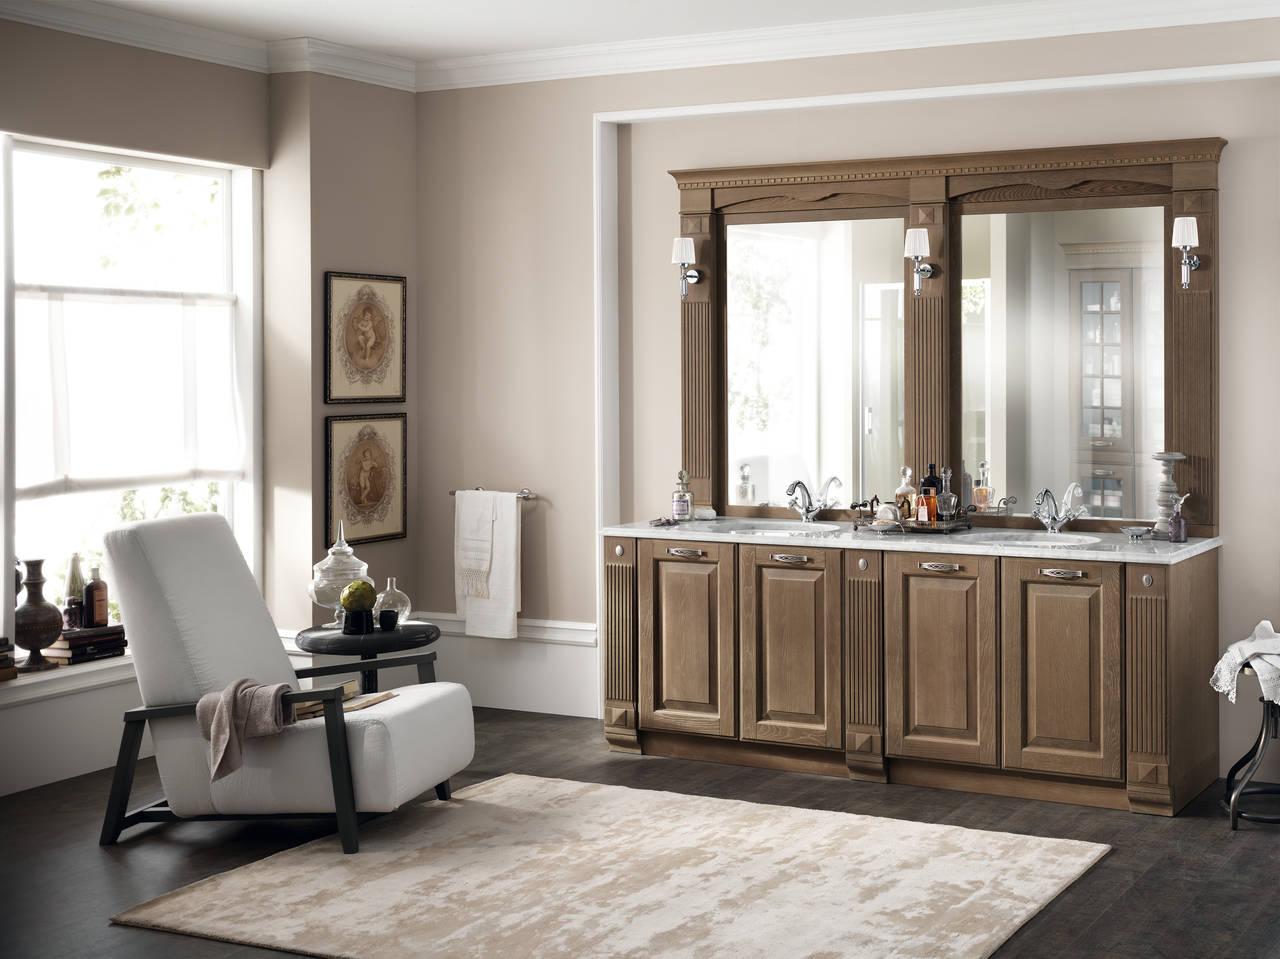 Ambiente bagno arredato con la collezione Baltimora di Scavolini Bathrooms